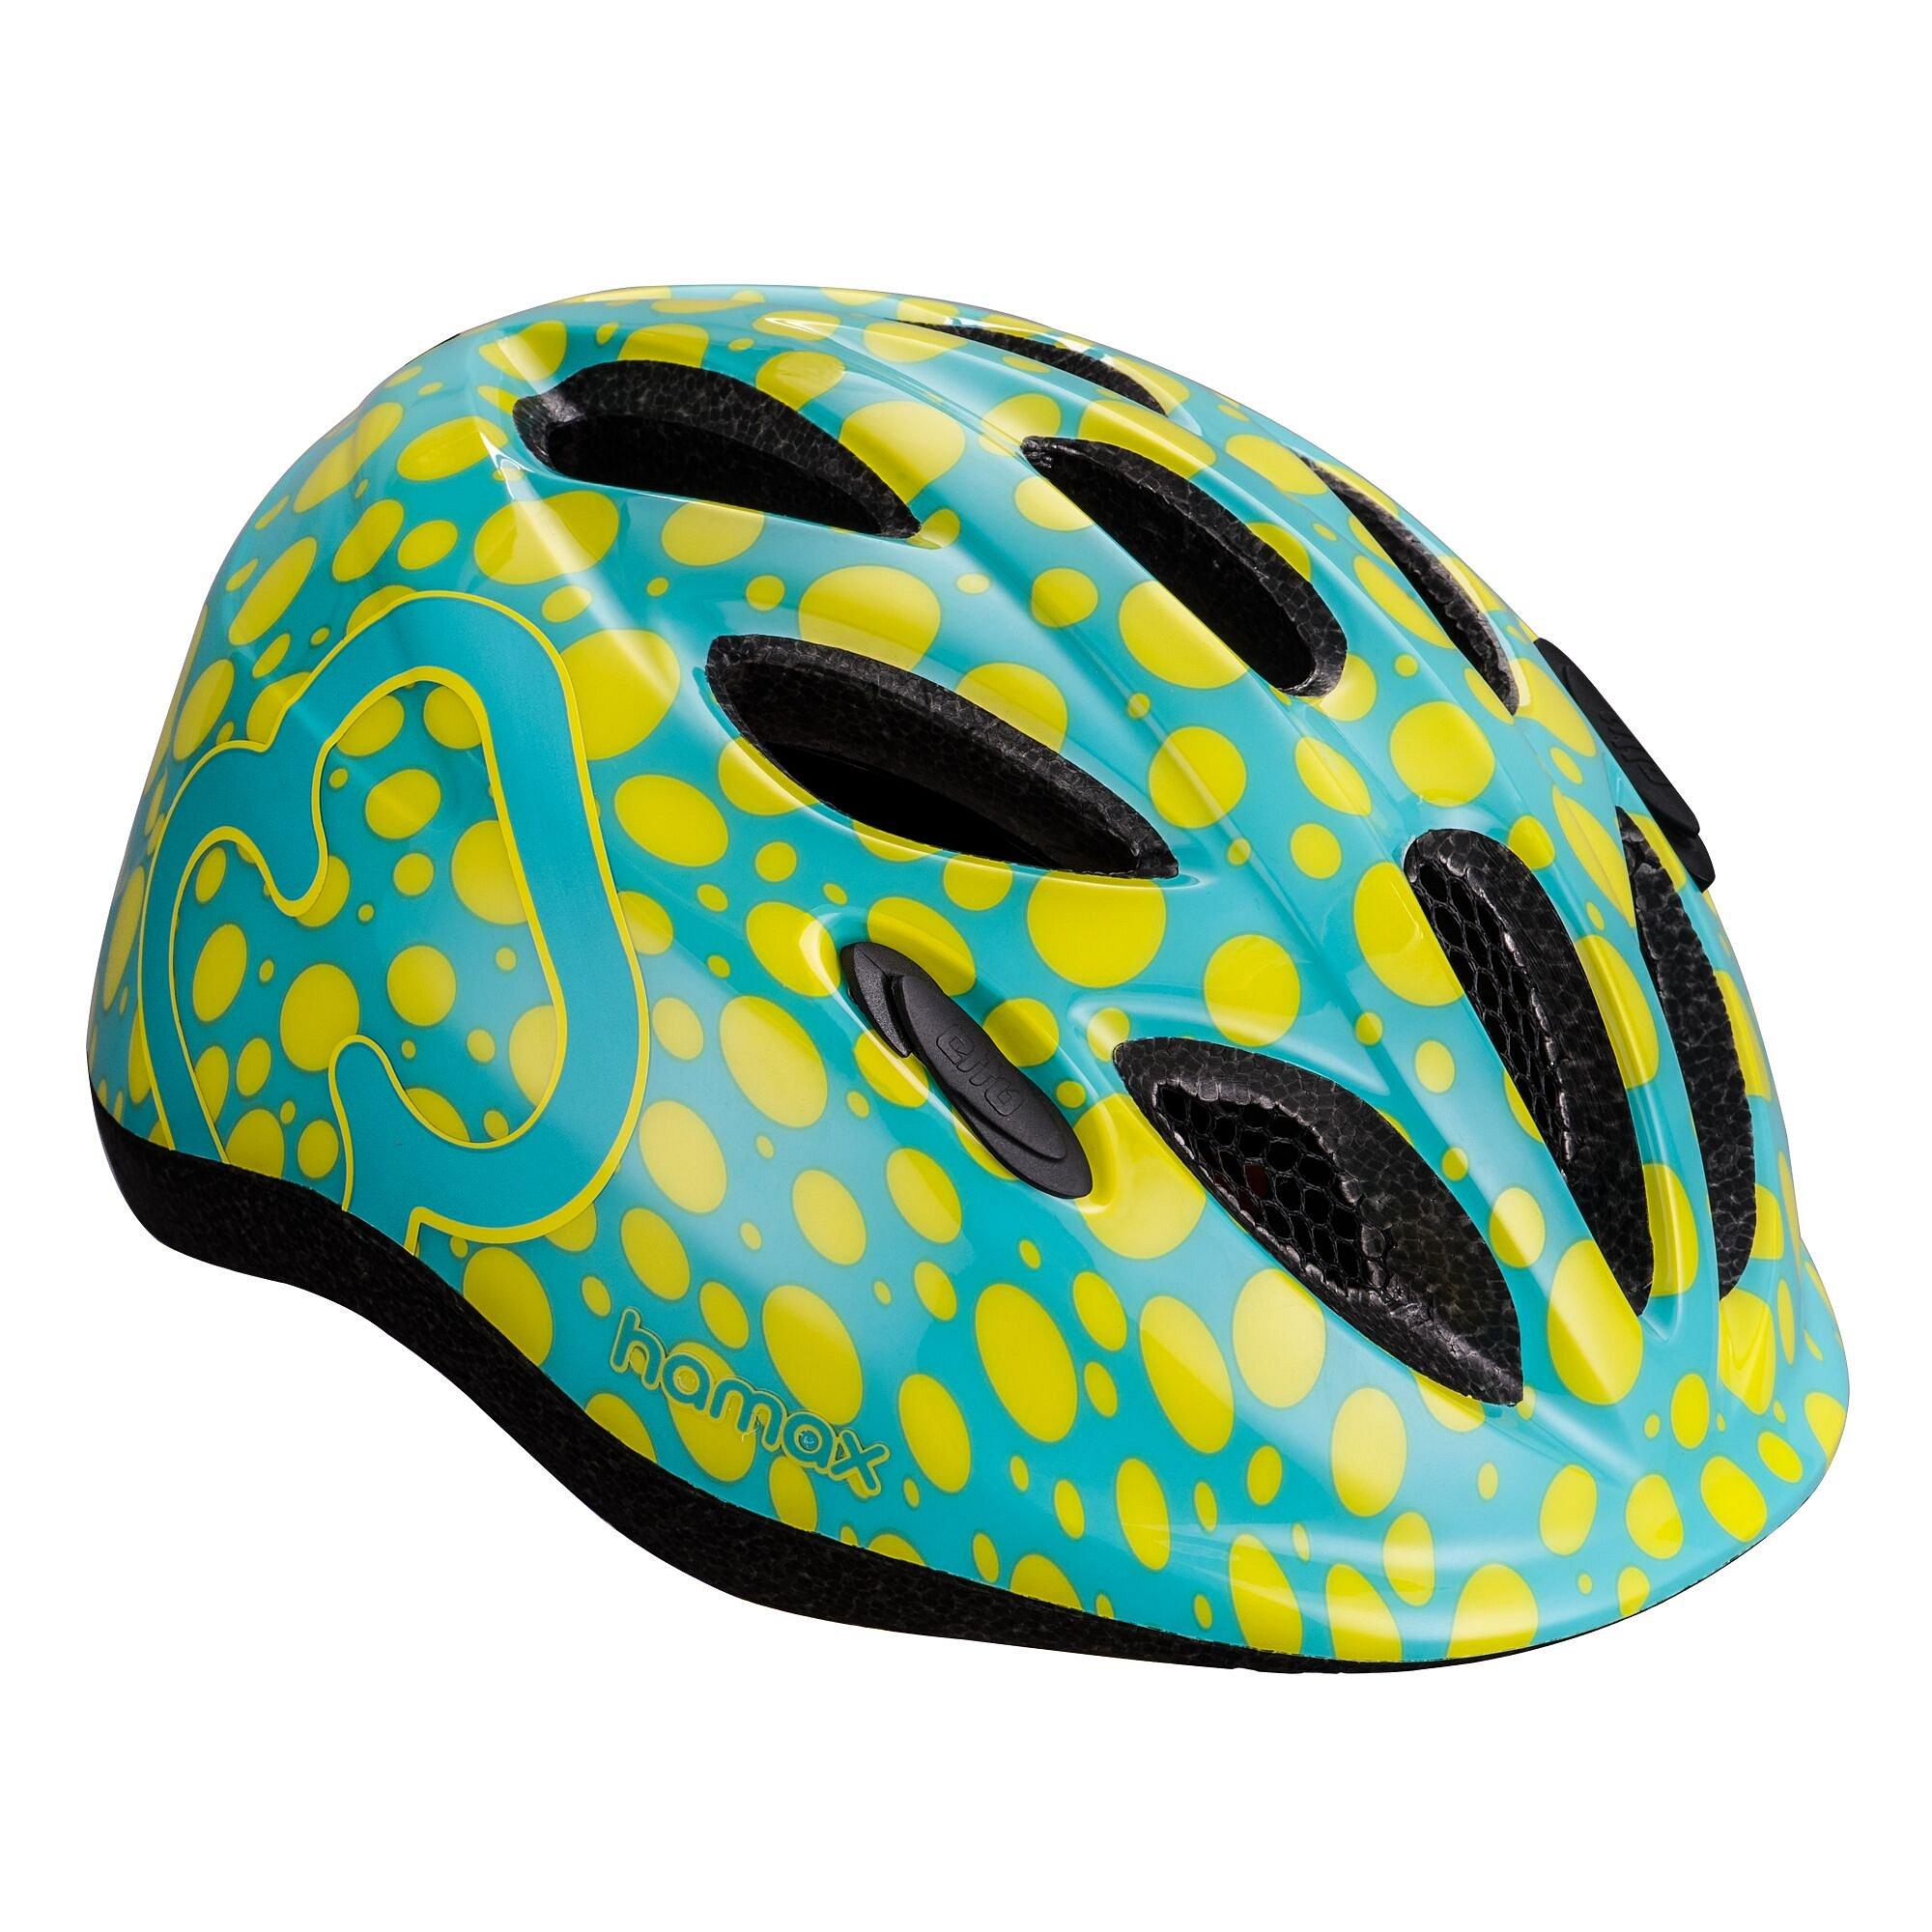 HAMAX Skydive cyklohelma 45-50 - zelenožlutá / žluté pásky